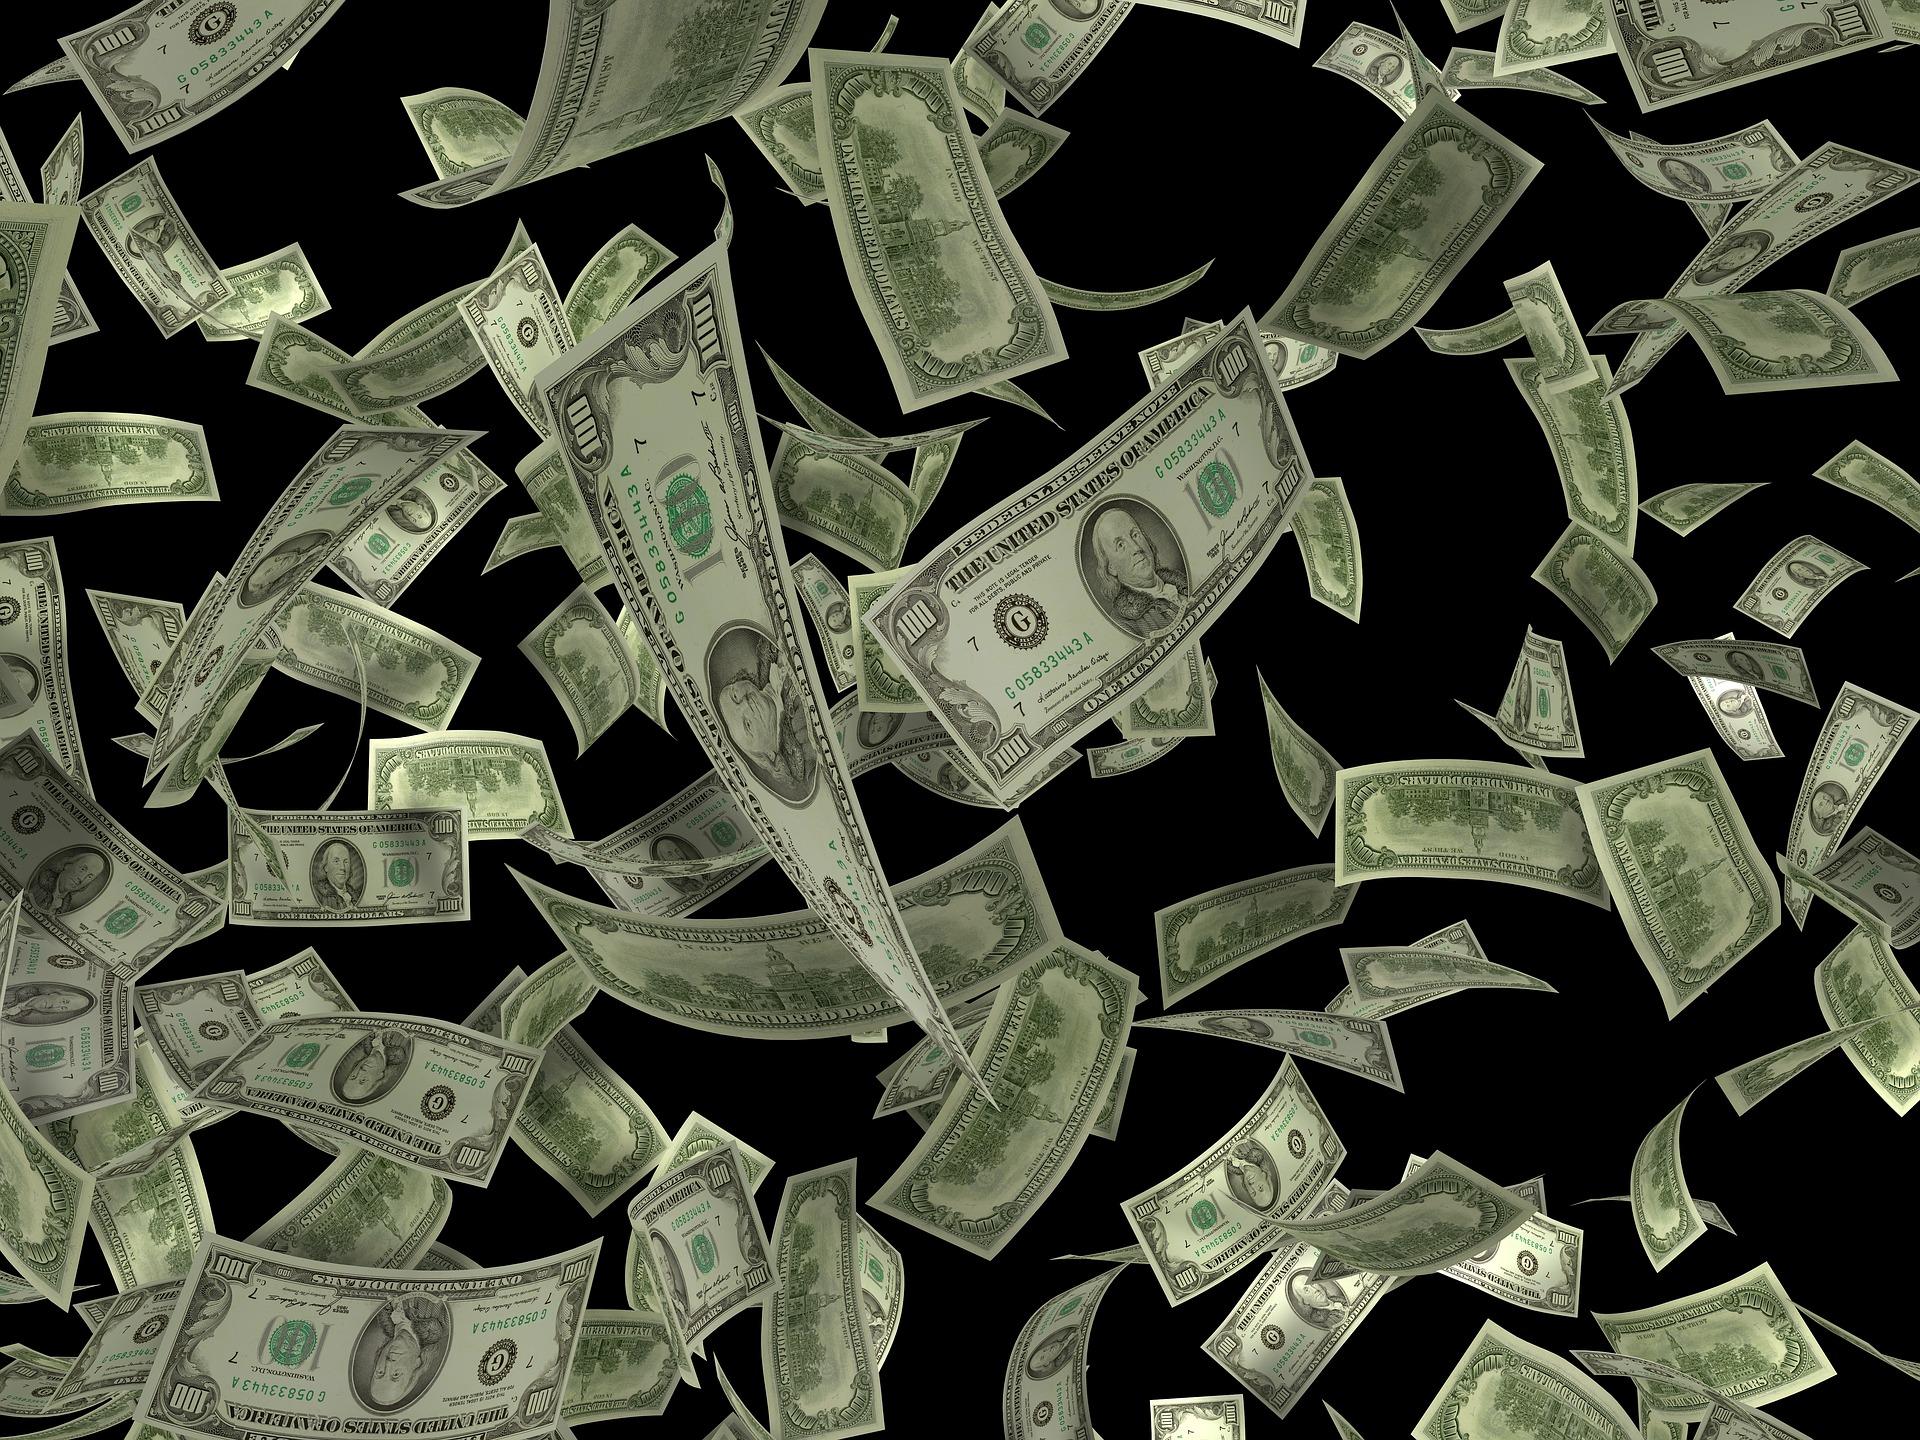 柯老師Q&A- Q:我們要如何創造出豐盛的財富?